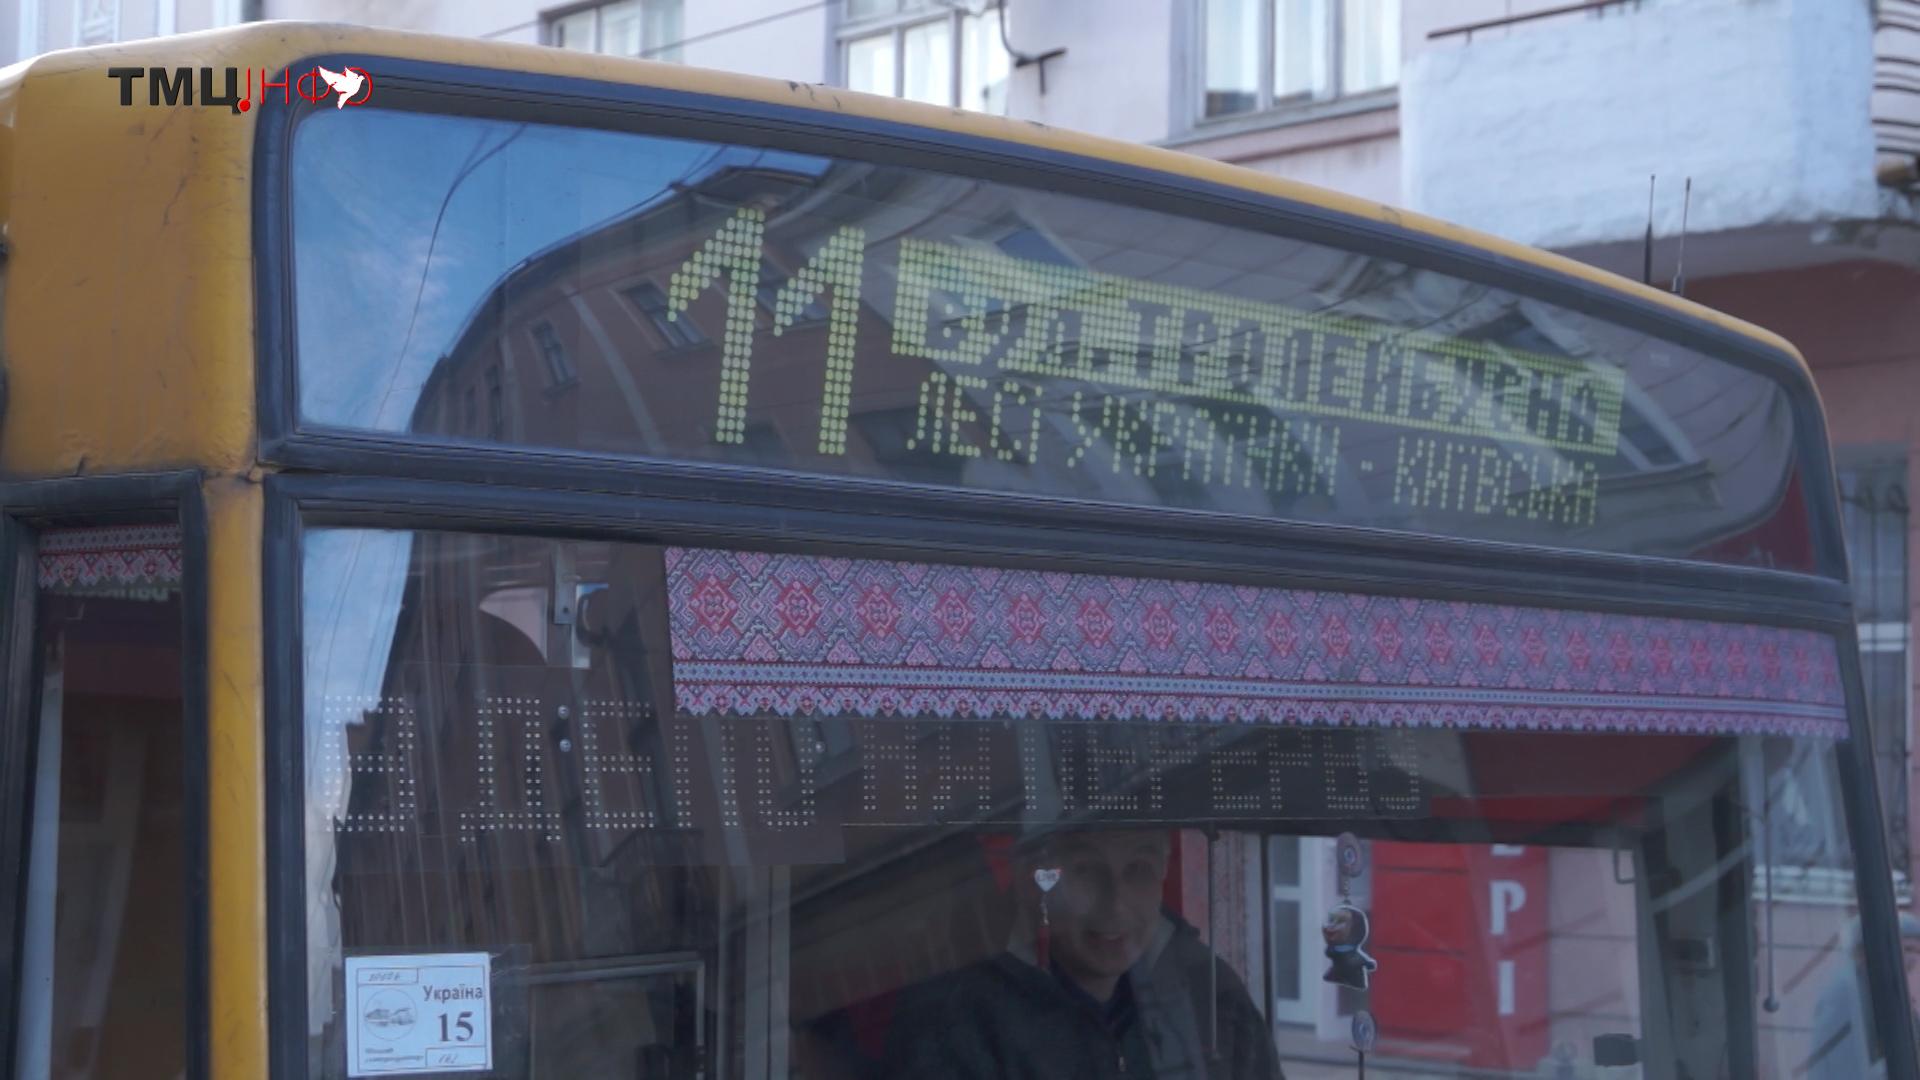 Водій тролейбуса самотужки виробляє світлодіодні табло та налаштовує блінкерні